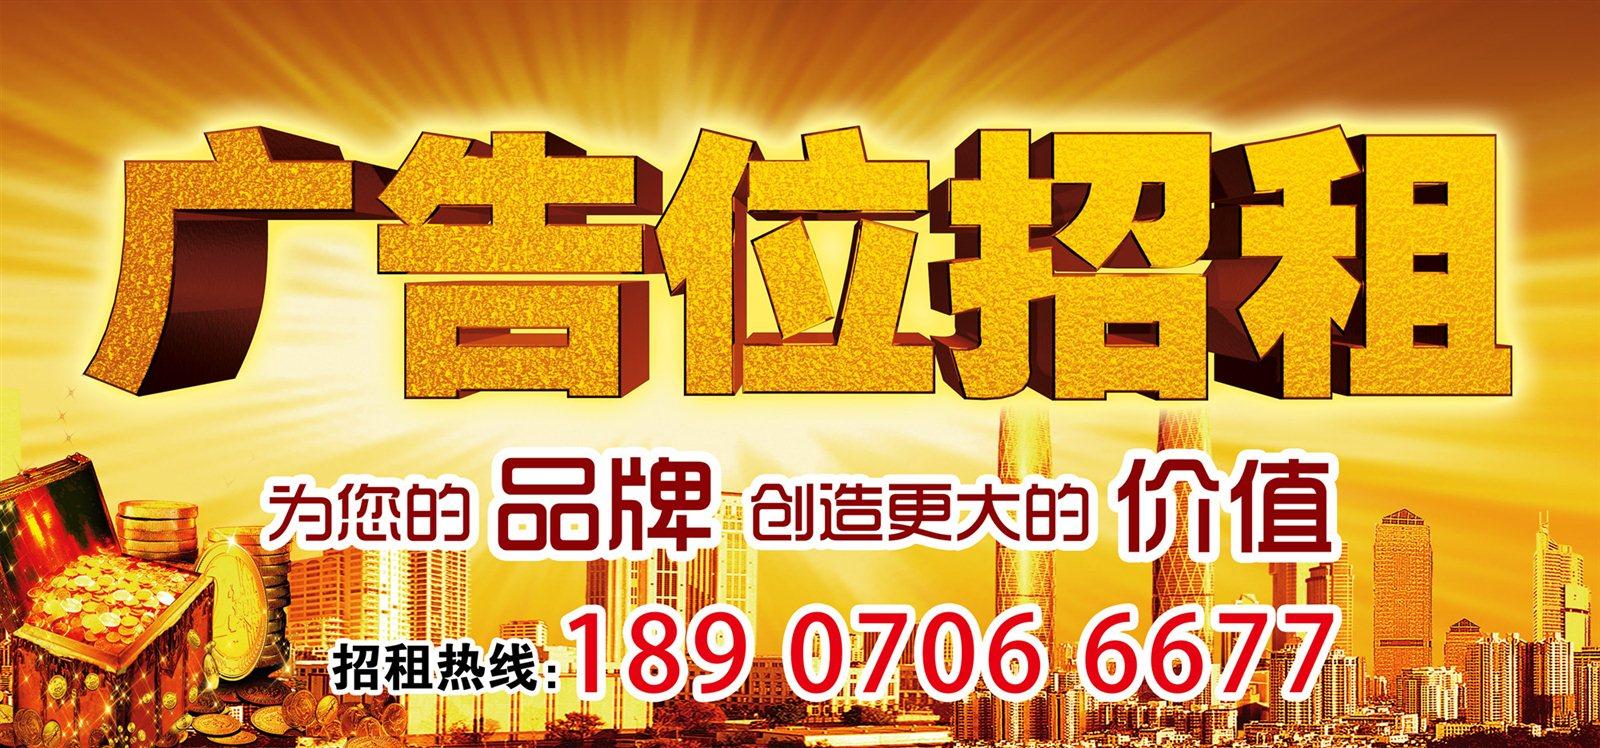 峡江生活网